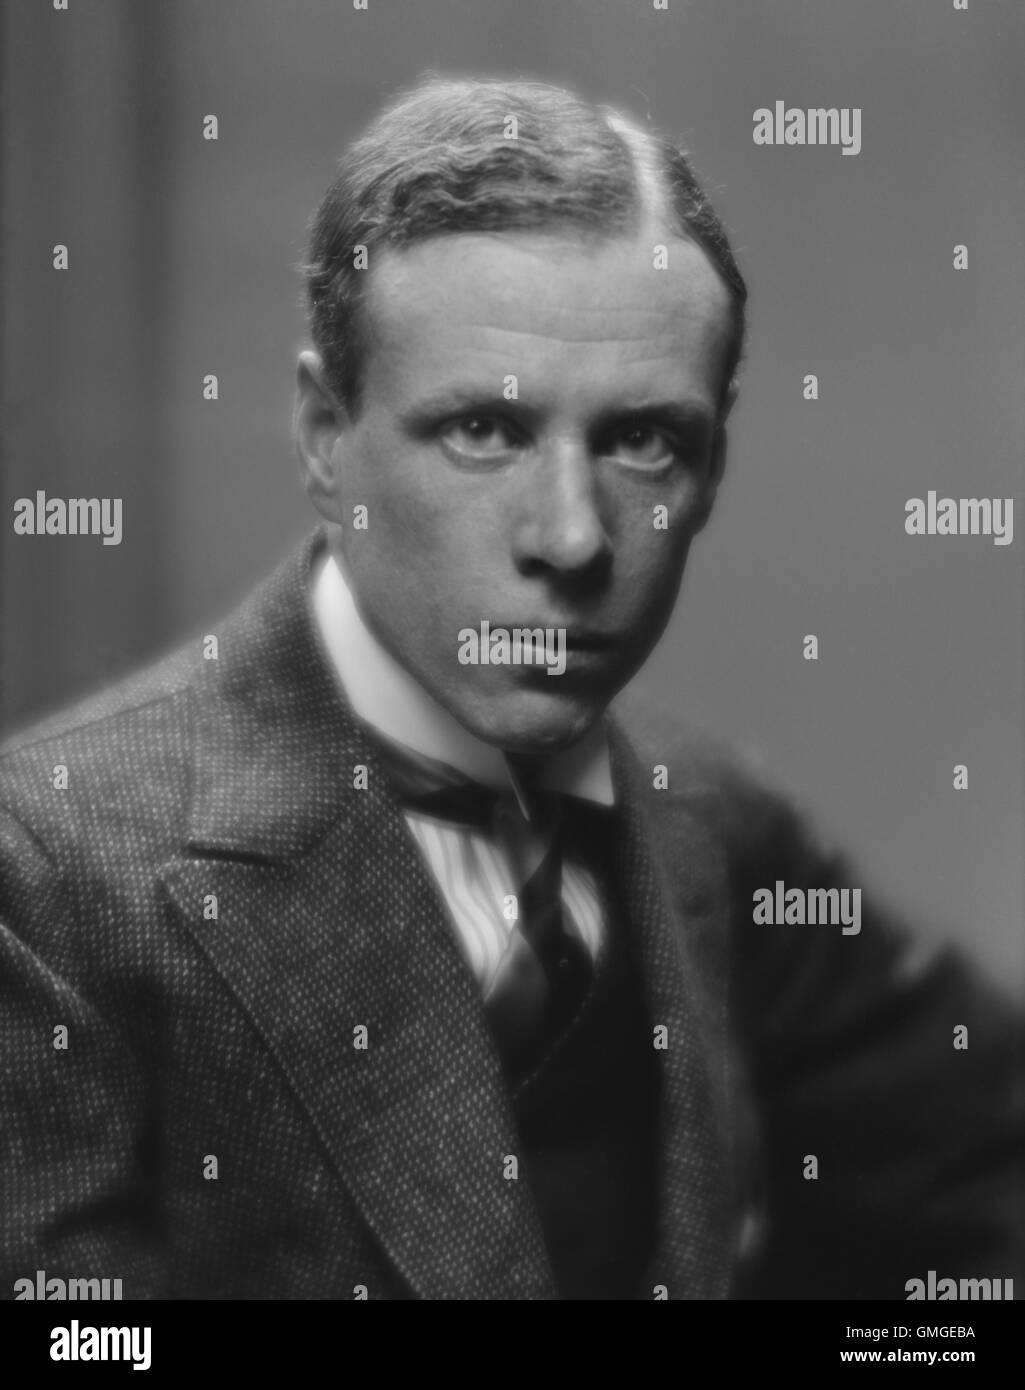 Lewis, Sinclair, cuyas novelas realistas de los años 1920-30 fueron críticos del capitalismo americano. Imagen De Stock